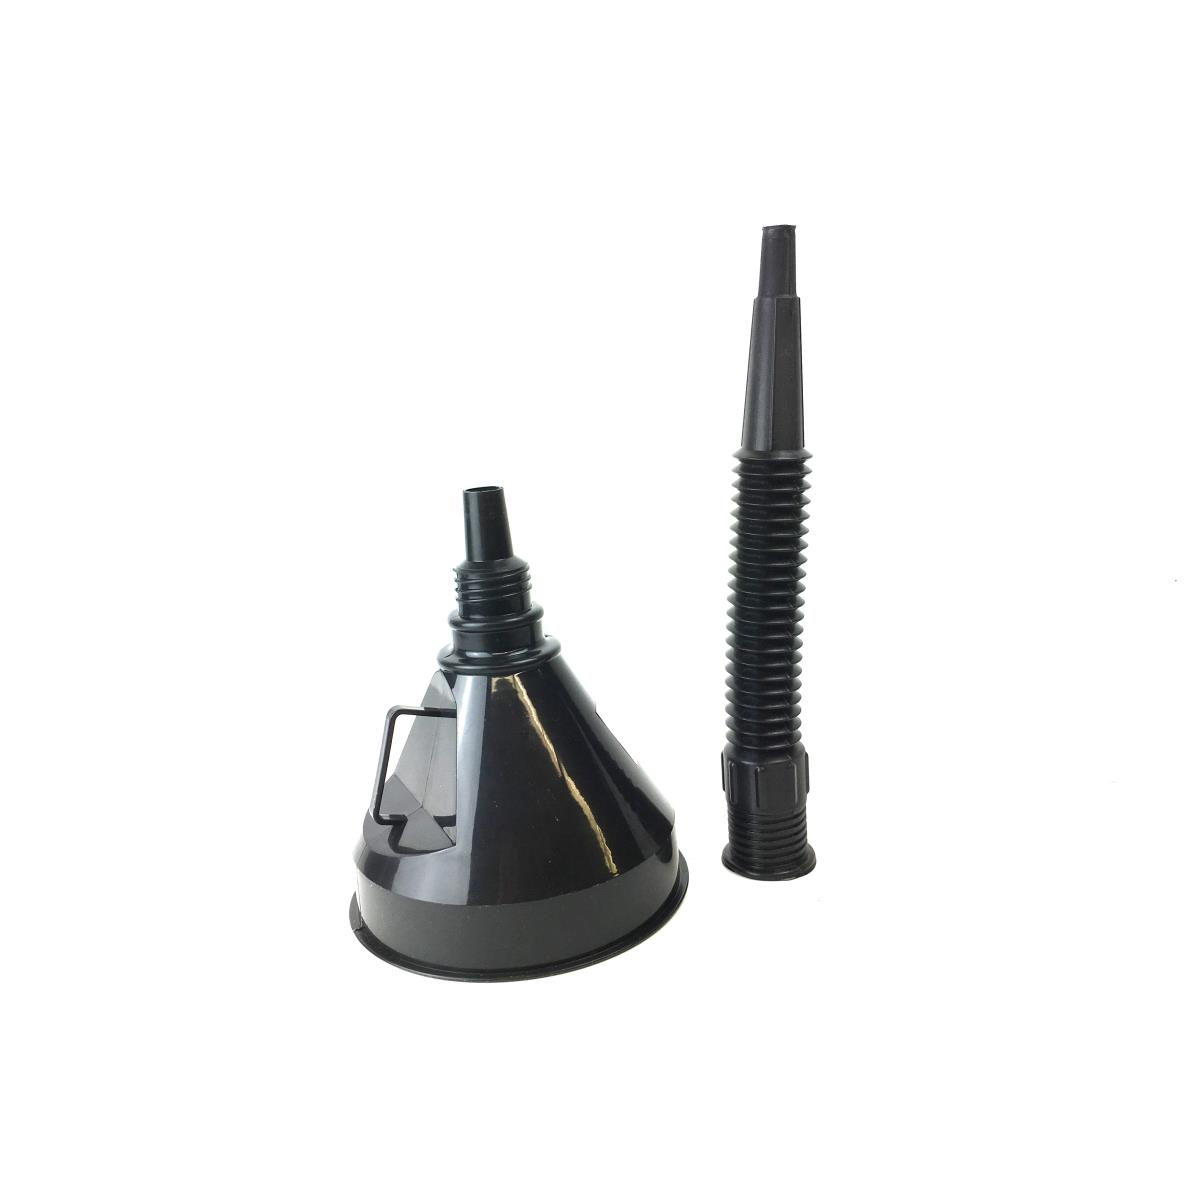 Trichter Einfülltrichter Ø 14 cm mit flexiblem Schlauch + Sieb Öltrichter ,UAB,000051065762, 2000510657624